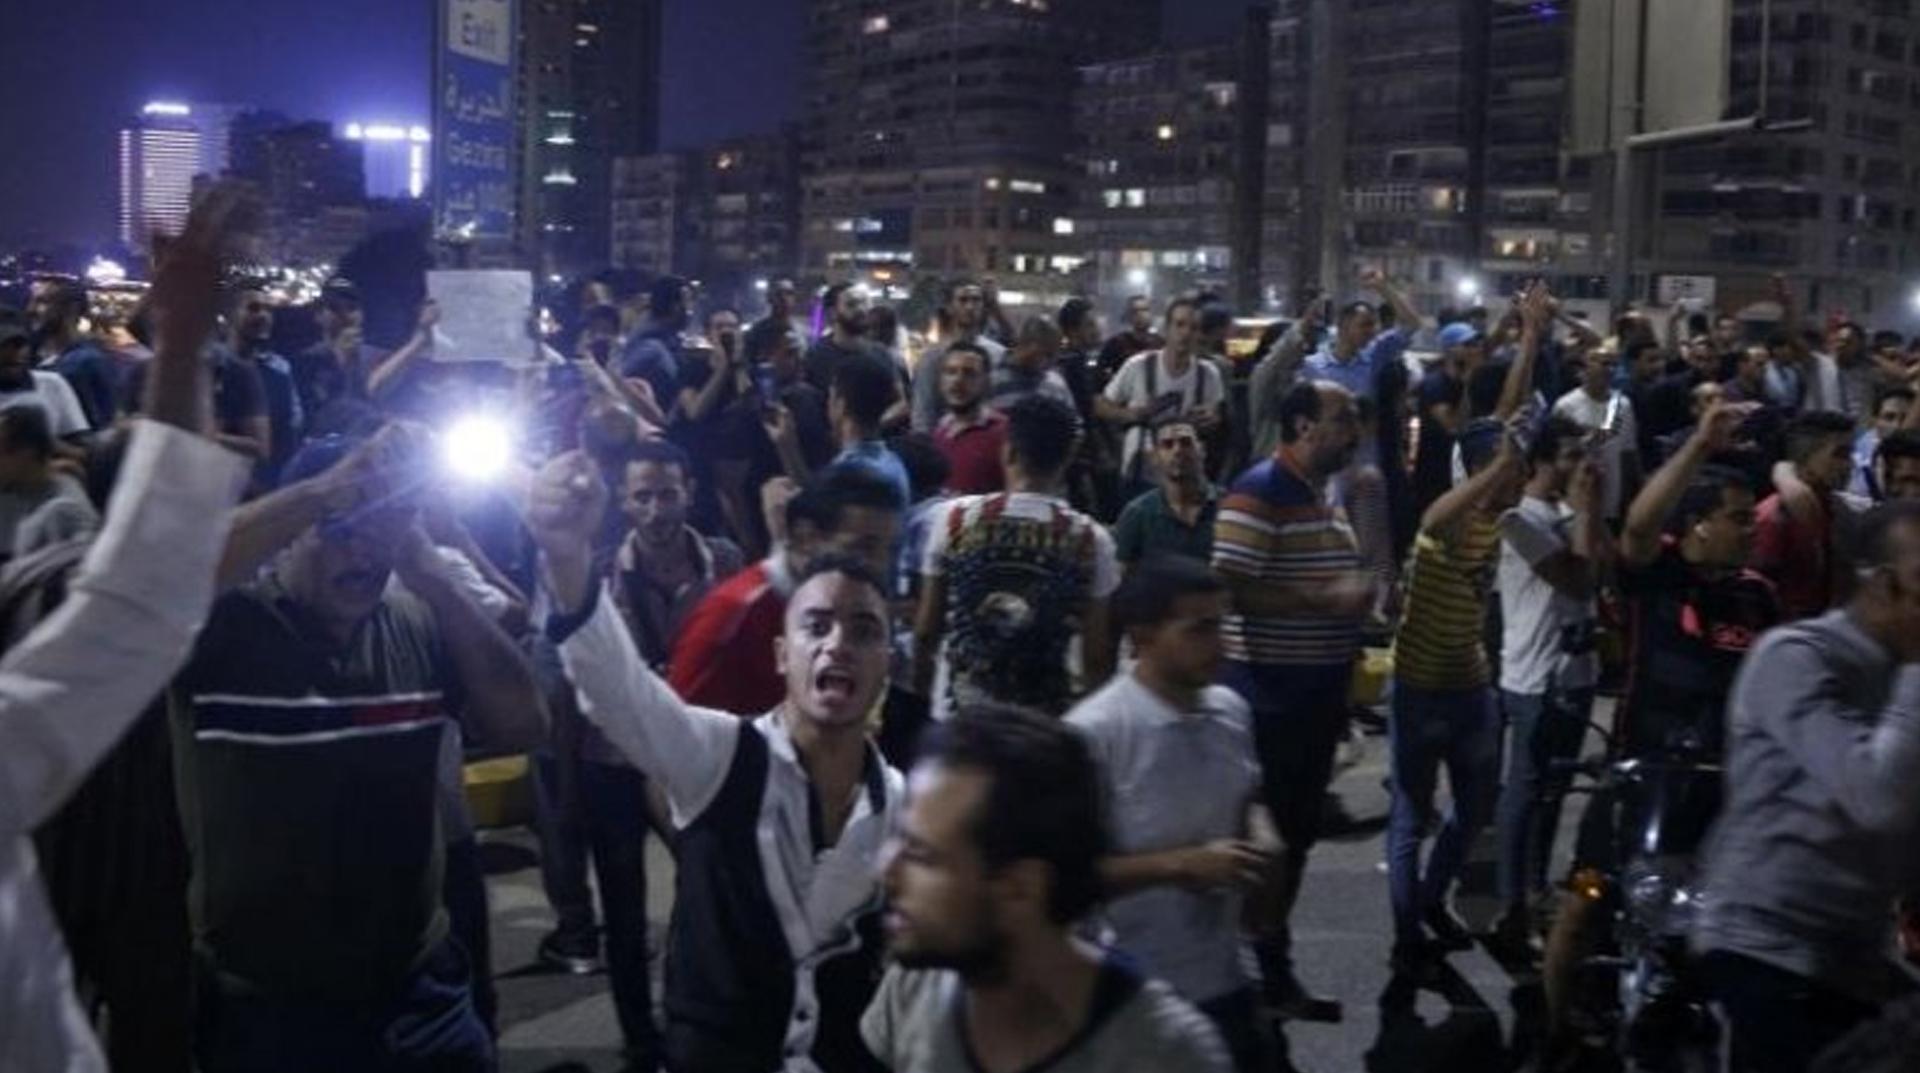 Mısır'da darbeci Sisi rejimini protesto eden 220 gösterici gözaltına alındı